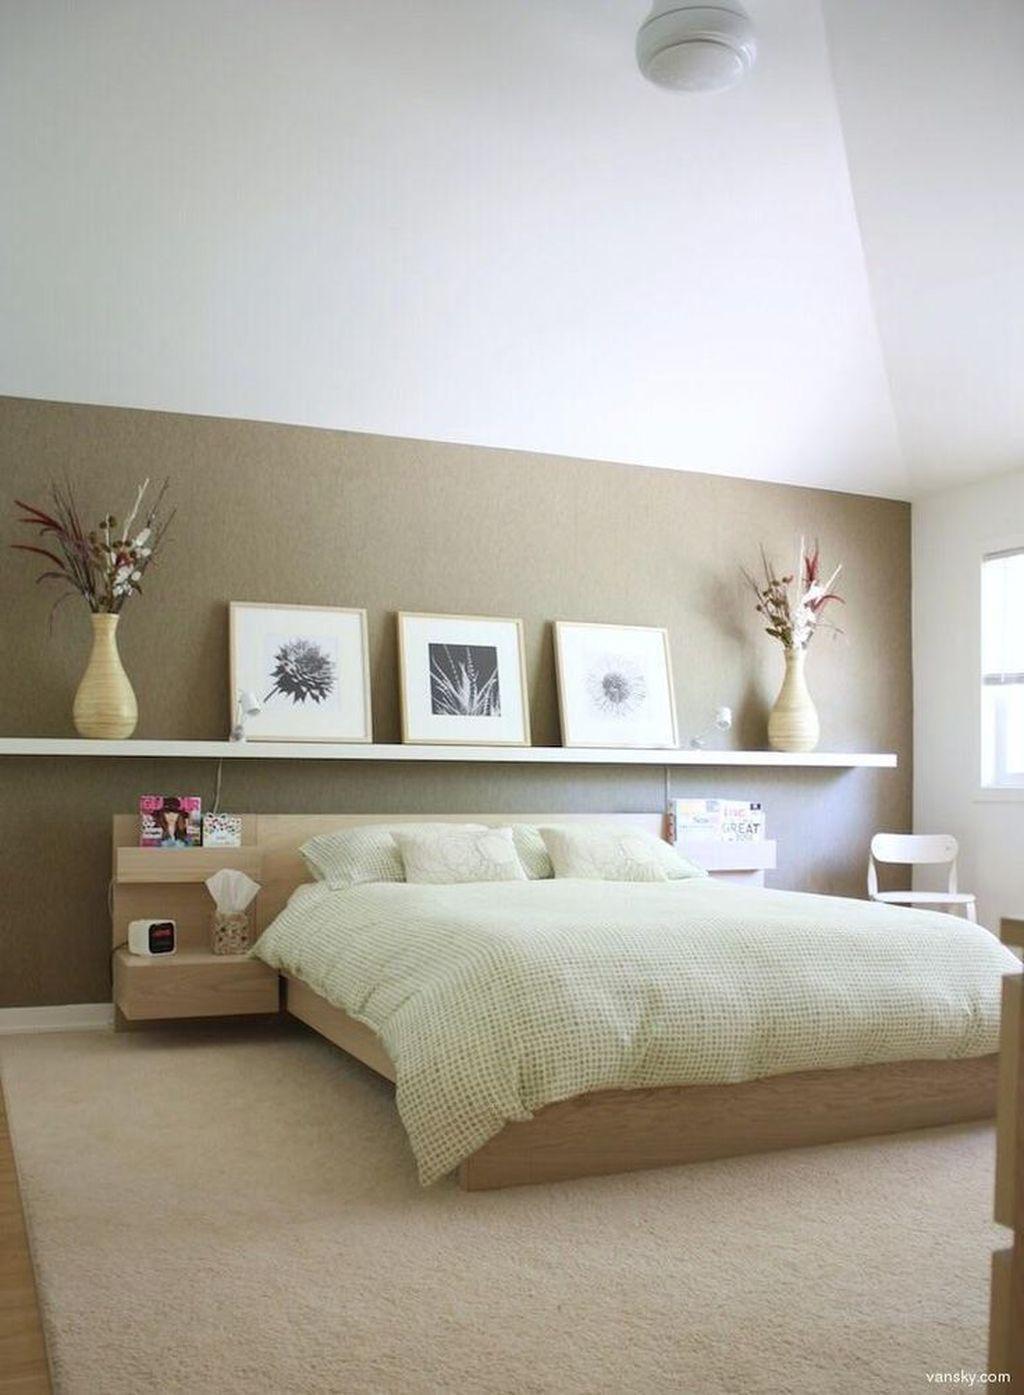 flexa creation early dew : Top Ideas Ikea Bedroom Design 2017 17 Ikea Bedroom Design Ikea